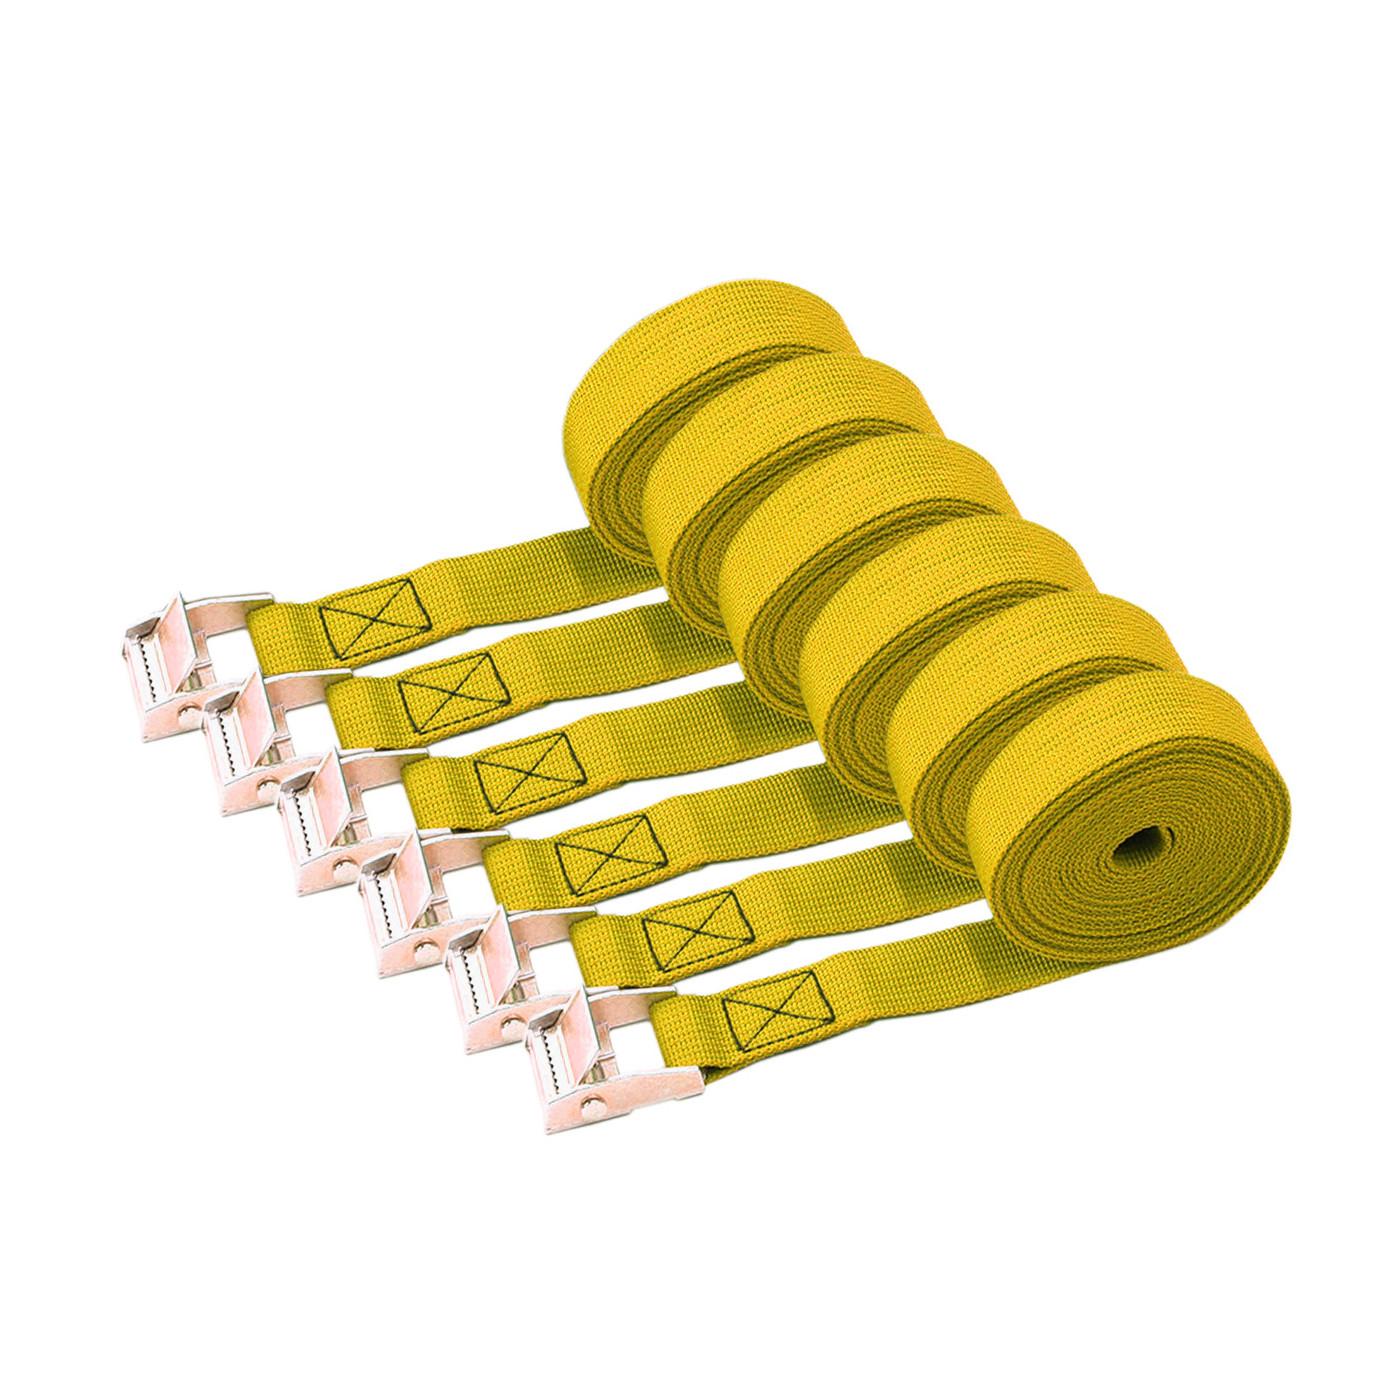 Set von 6 Schnellverschlussgurten (je 3,5 m, gelb)  - 1